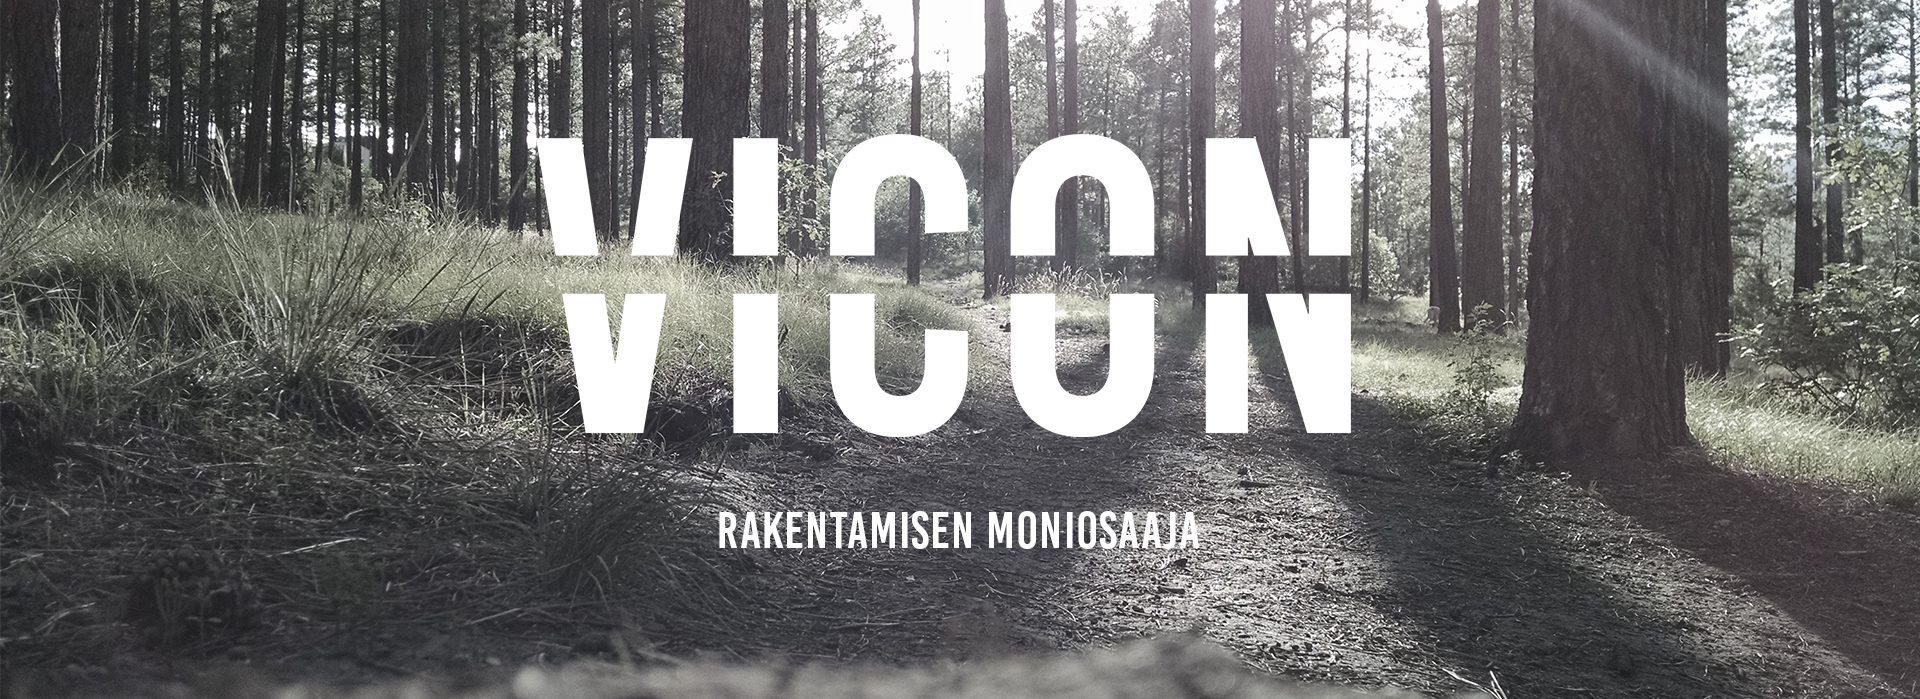 Rakennusliike Vicon Oy